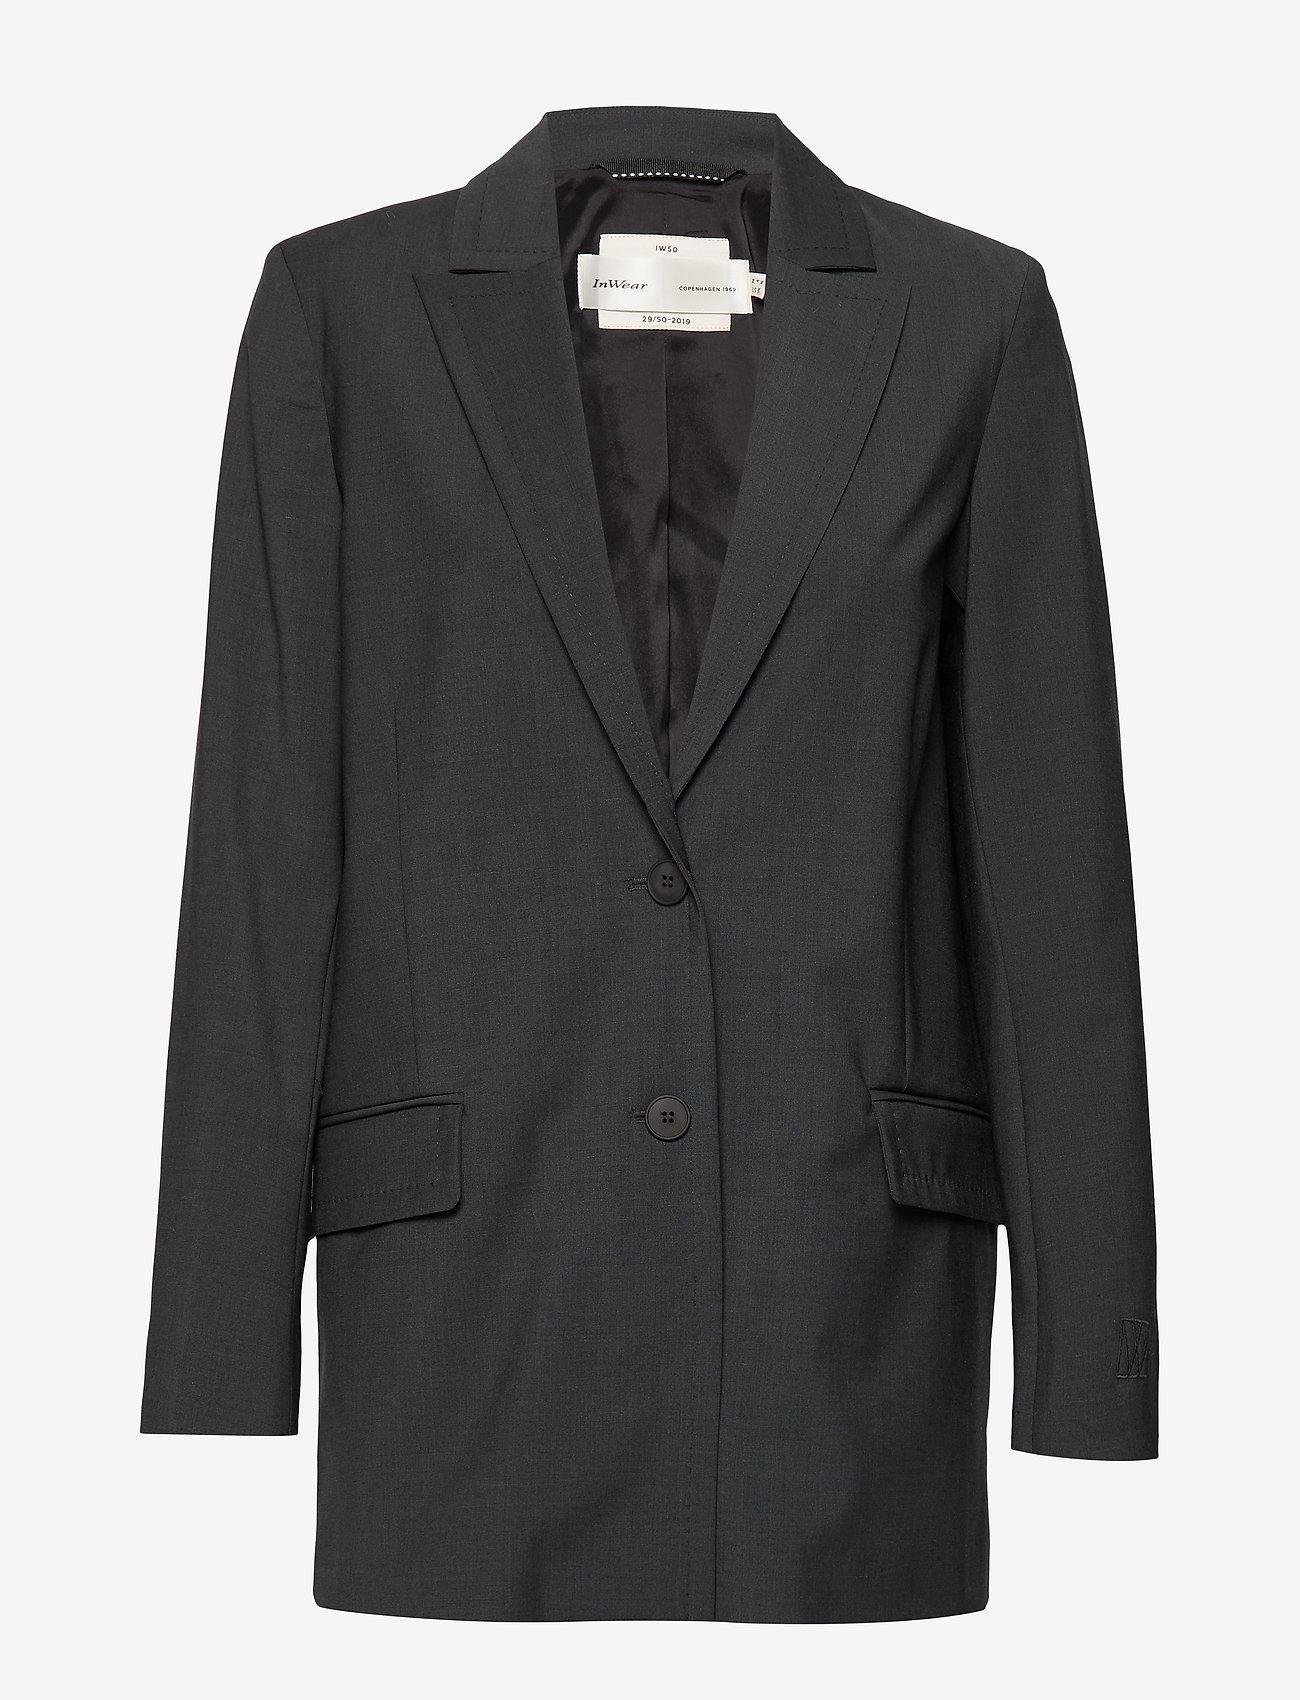 Iw50 29 Carolyniw Blazer (Dark Grey Melange) - InWear O8xJ3b